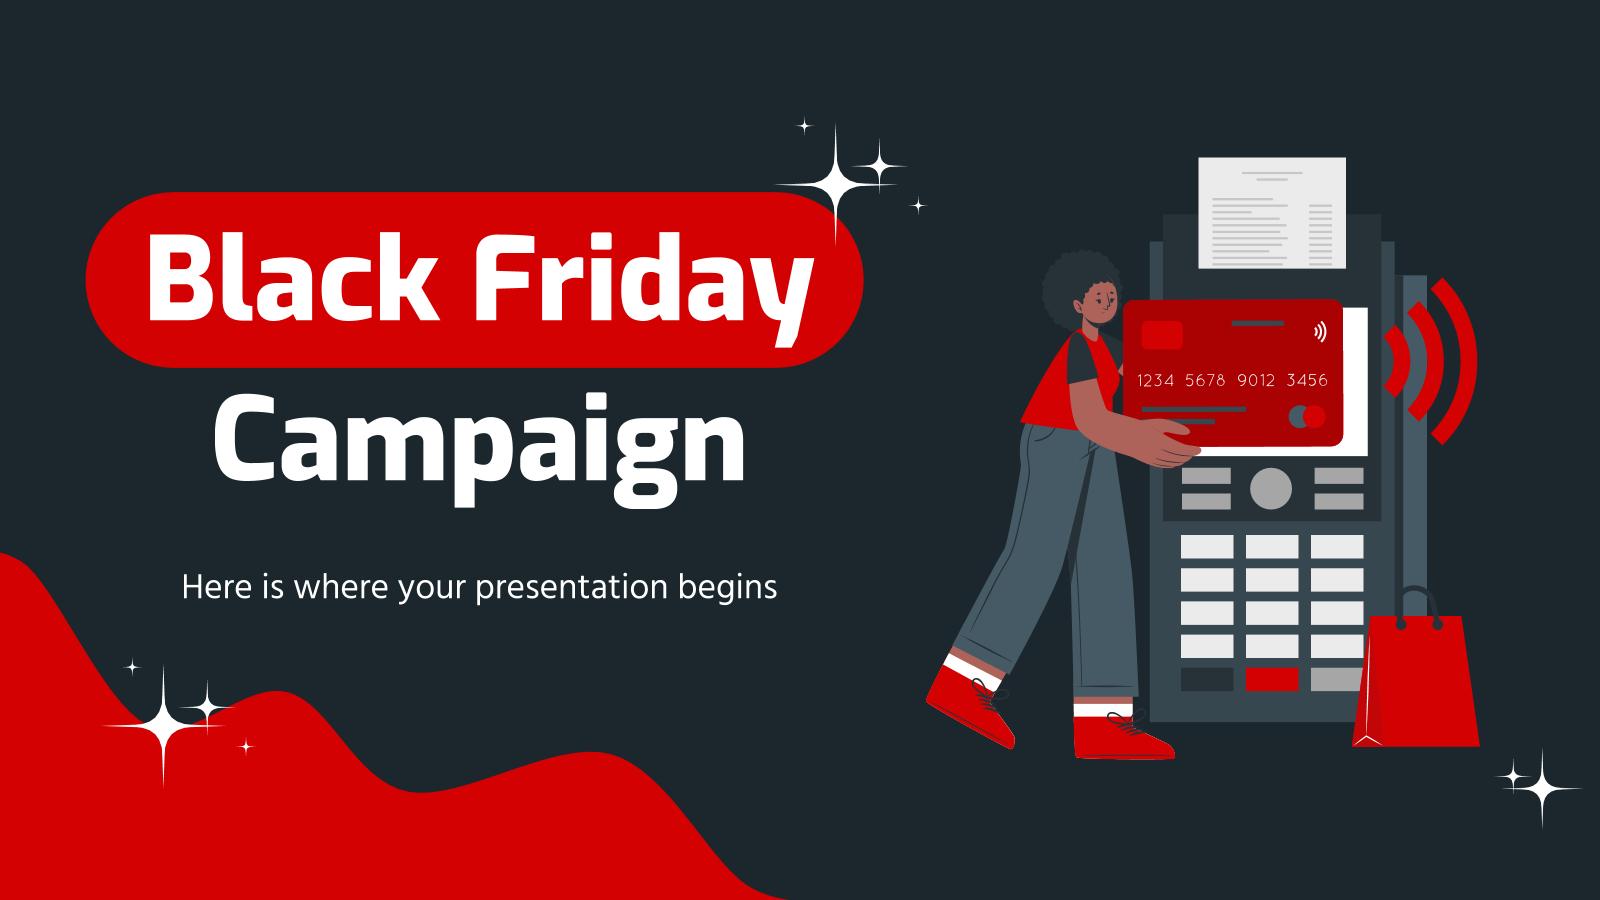 Campagne du Black Friday : Modèles de présentation